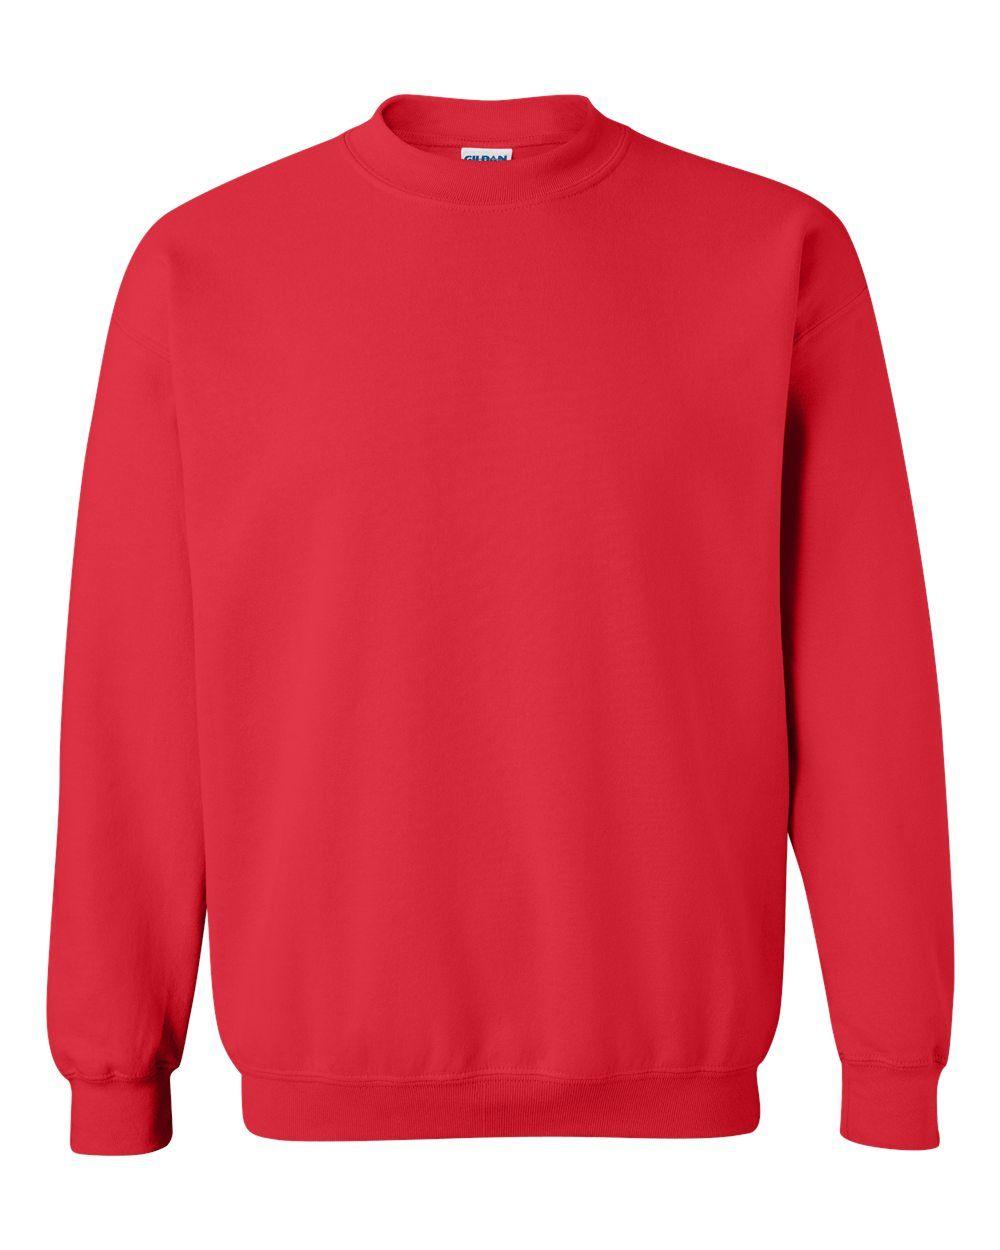 Gildan Heavy Blend Crewneck Sweatshirt 18000 In 2021 Women Pullover Sweatshirts Crew Neck Sweatshirt [ 1250 x 1000 Pixel ]